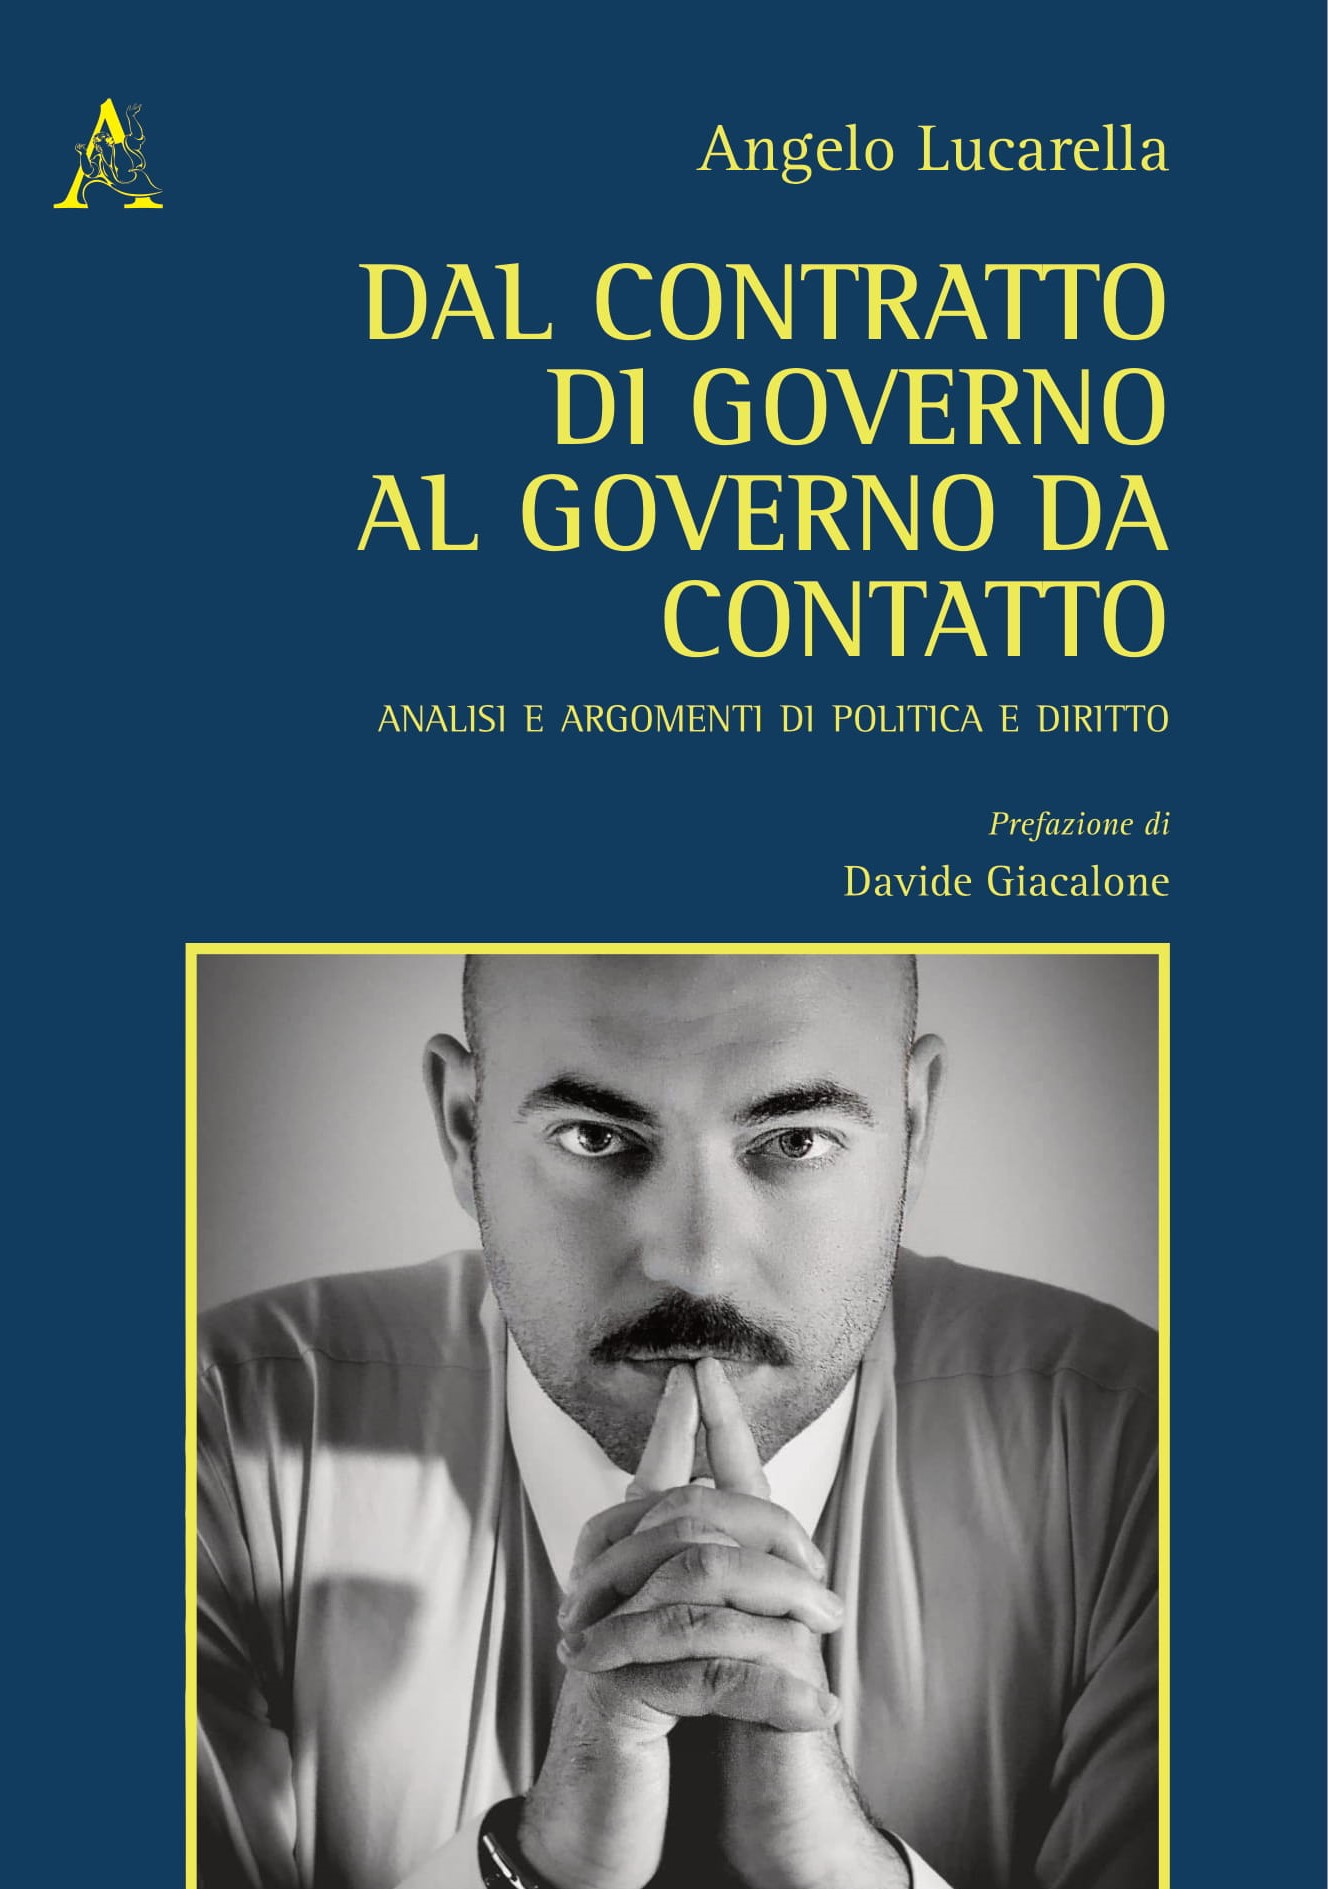 Dal Contratto di Governo al Governo da Contatto – Angelo Lucarella